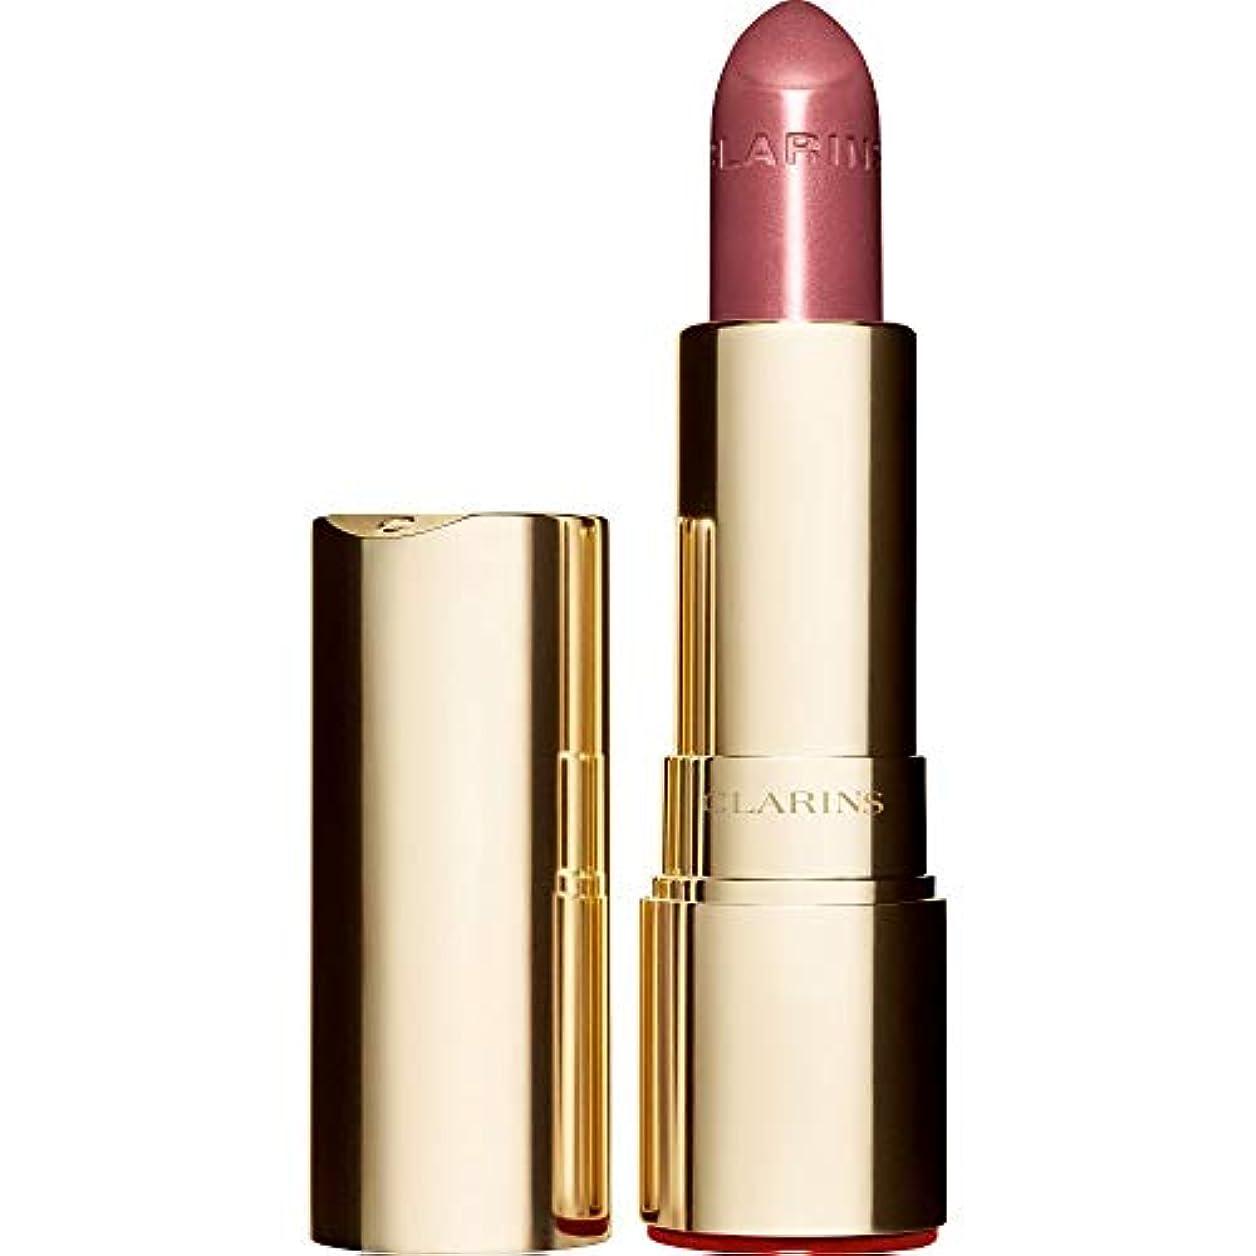 アクティブ宇宙リンケージ[Clarins ] クラランスジョリルージュブリリアント口紅3.5グラムの731Sは、 - ベリーローズ - Clarins Joli Rouge Brillant Lipstick 3.5g 731S - Rose...